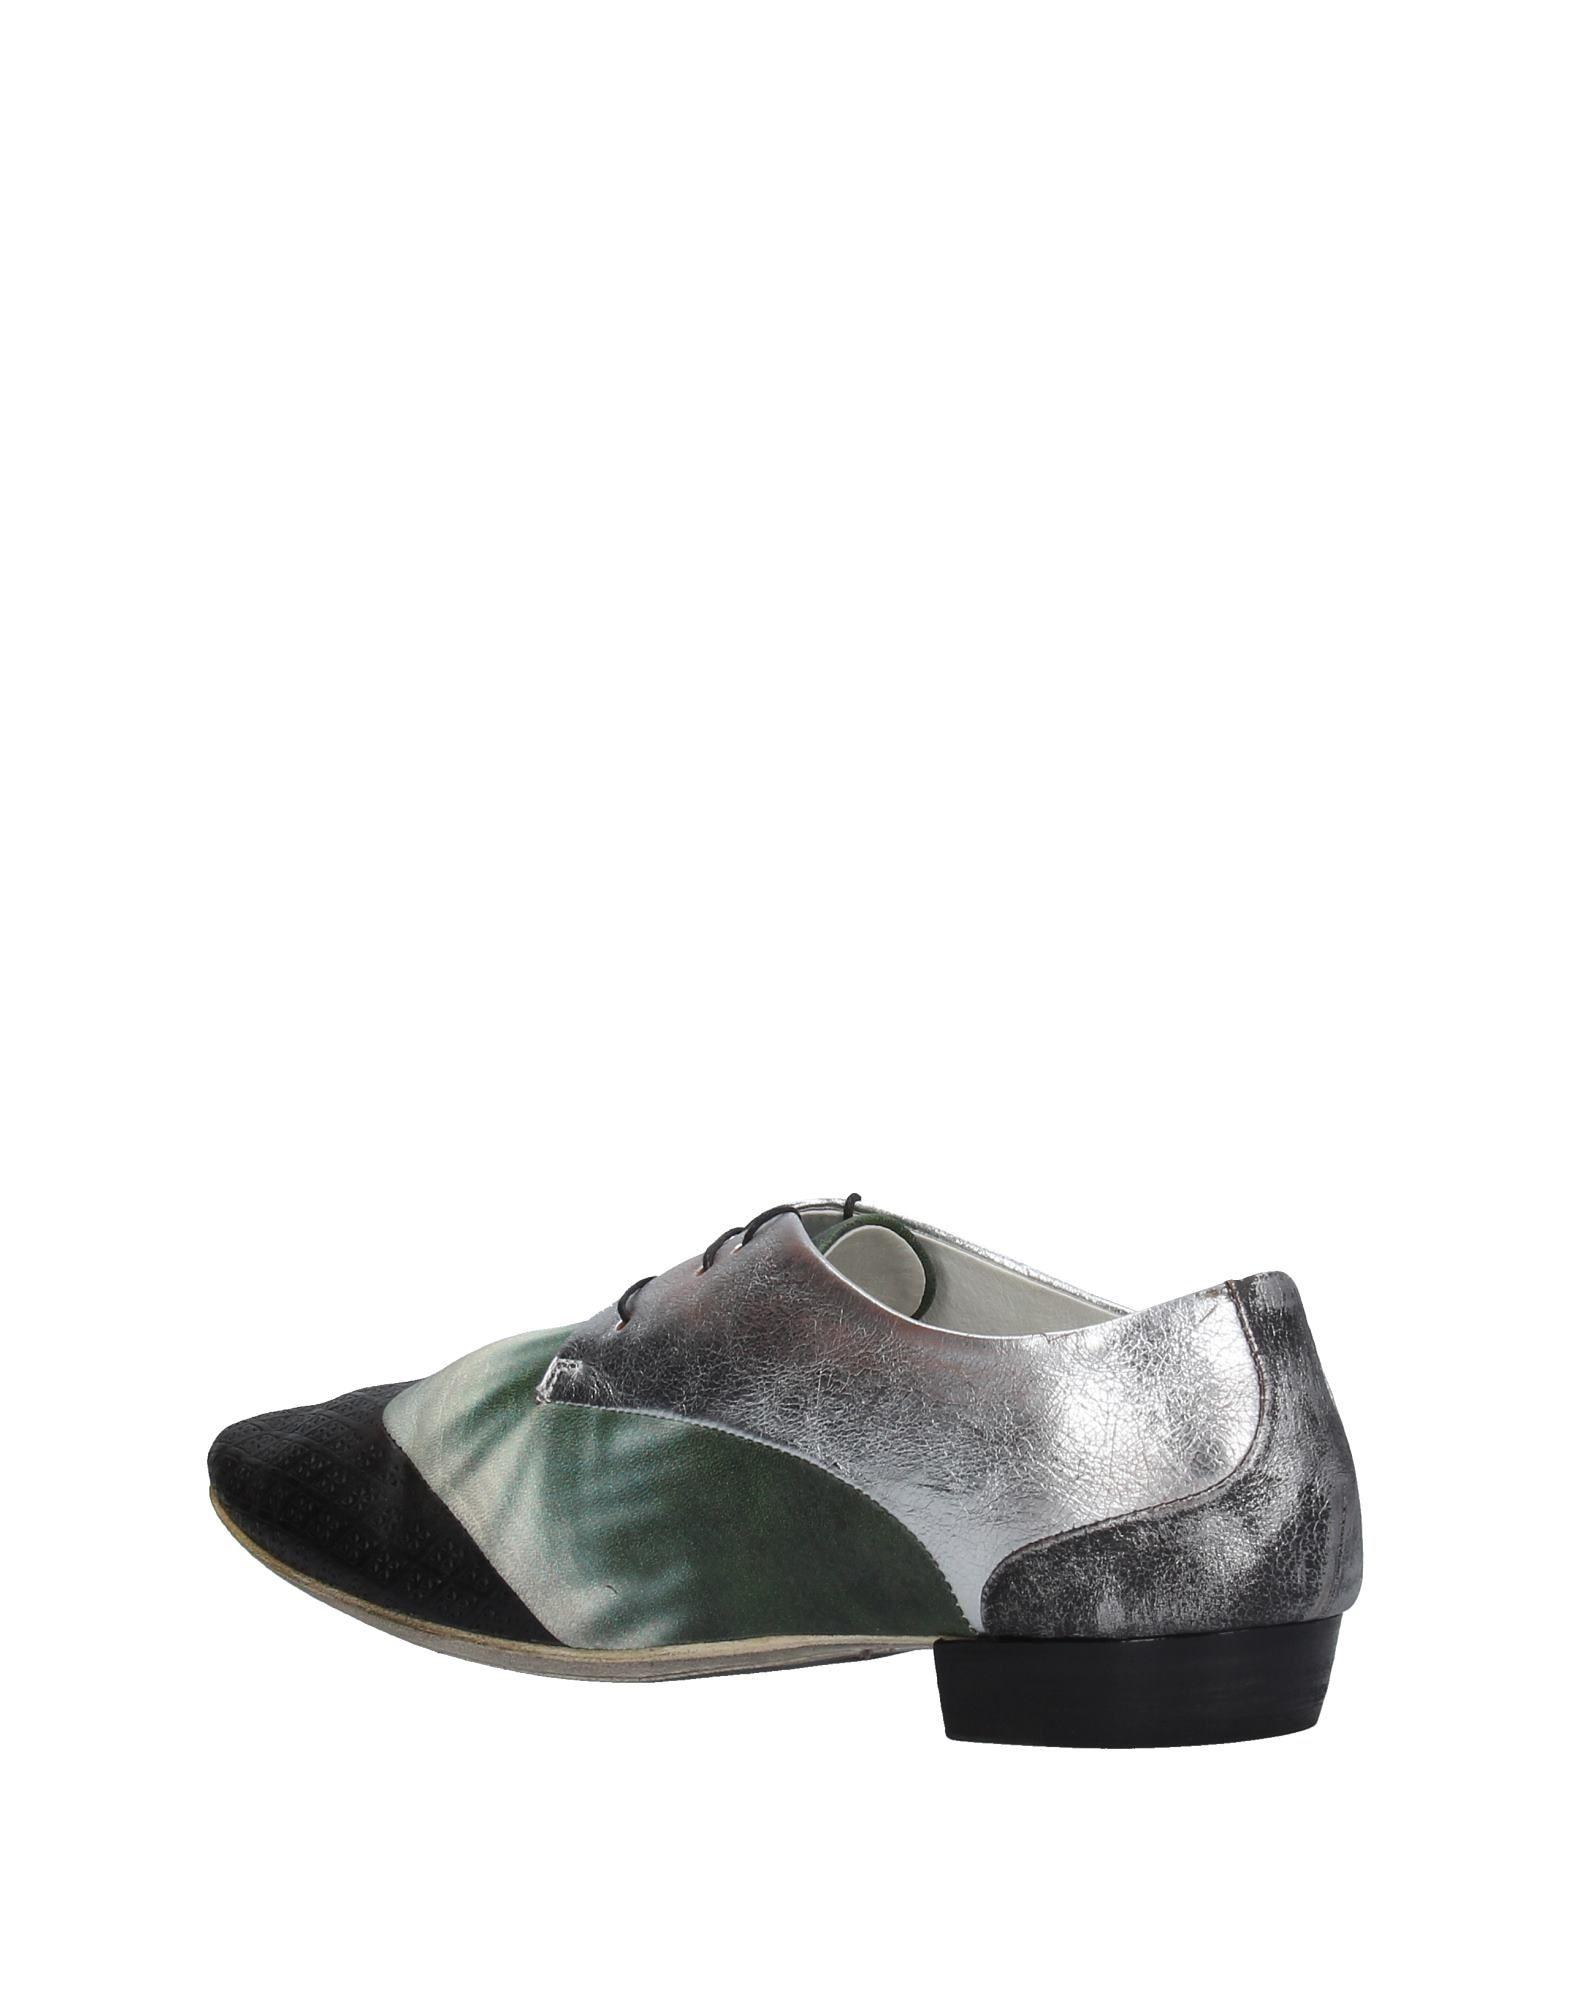 Marsèll gut Schnürschuhe Damen  11226725KQGünstige gut Marsèll aussehende Schuhe d764d3